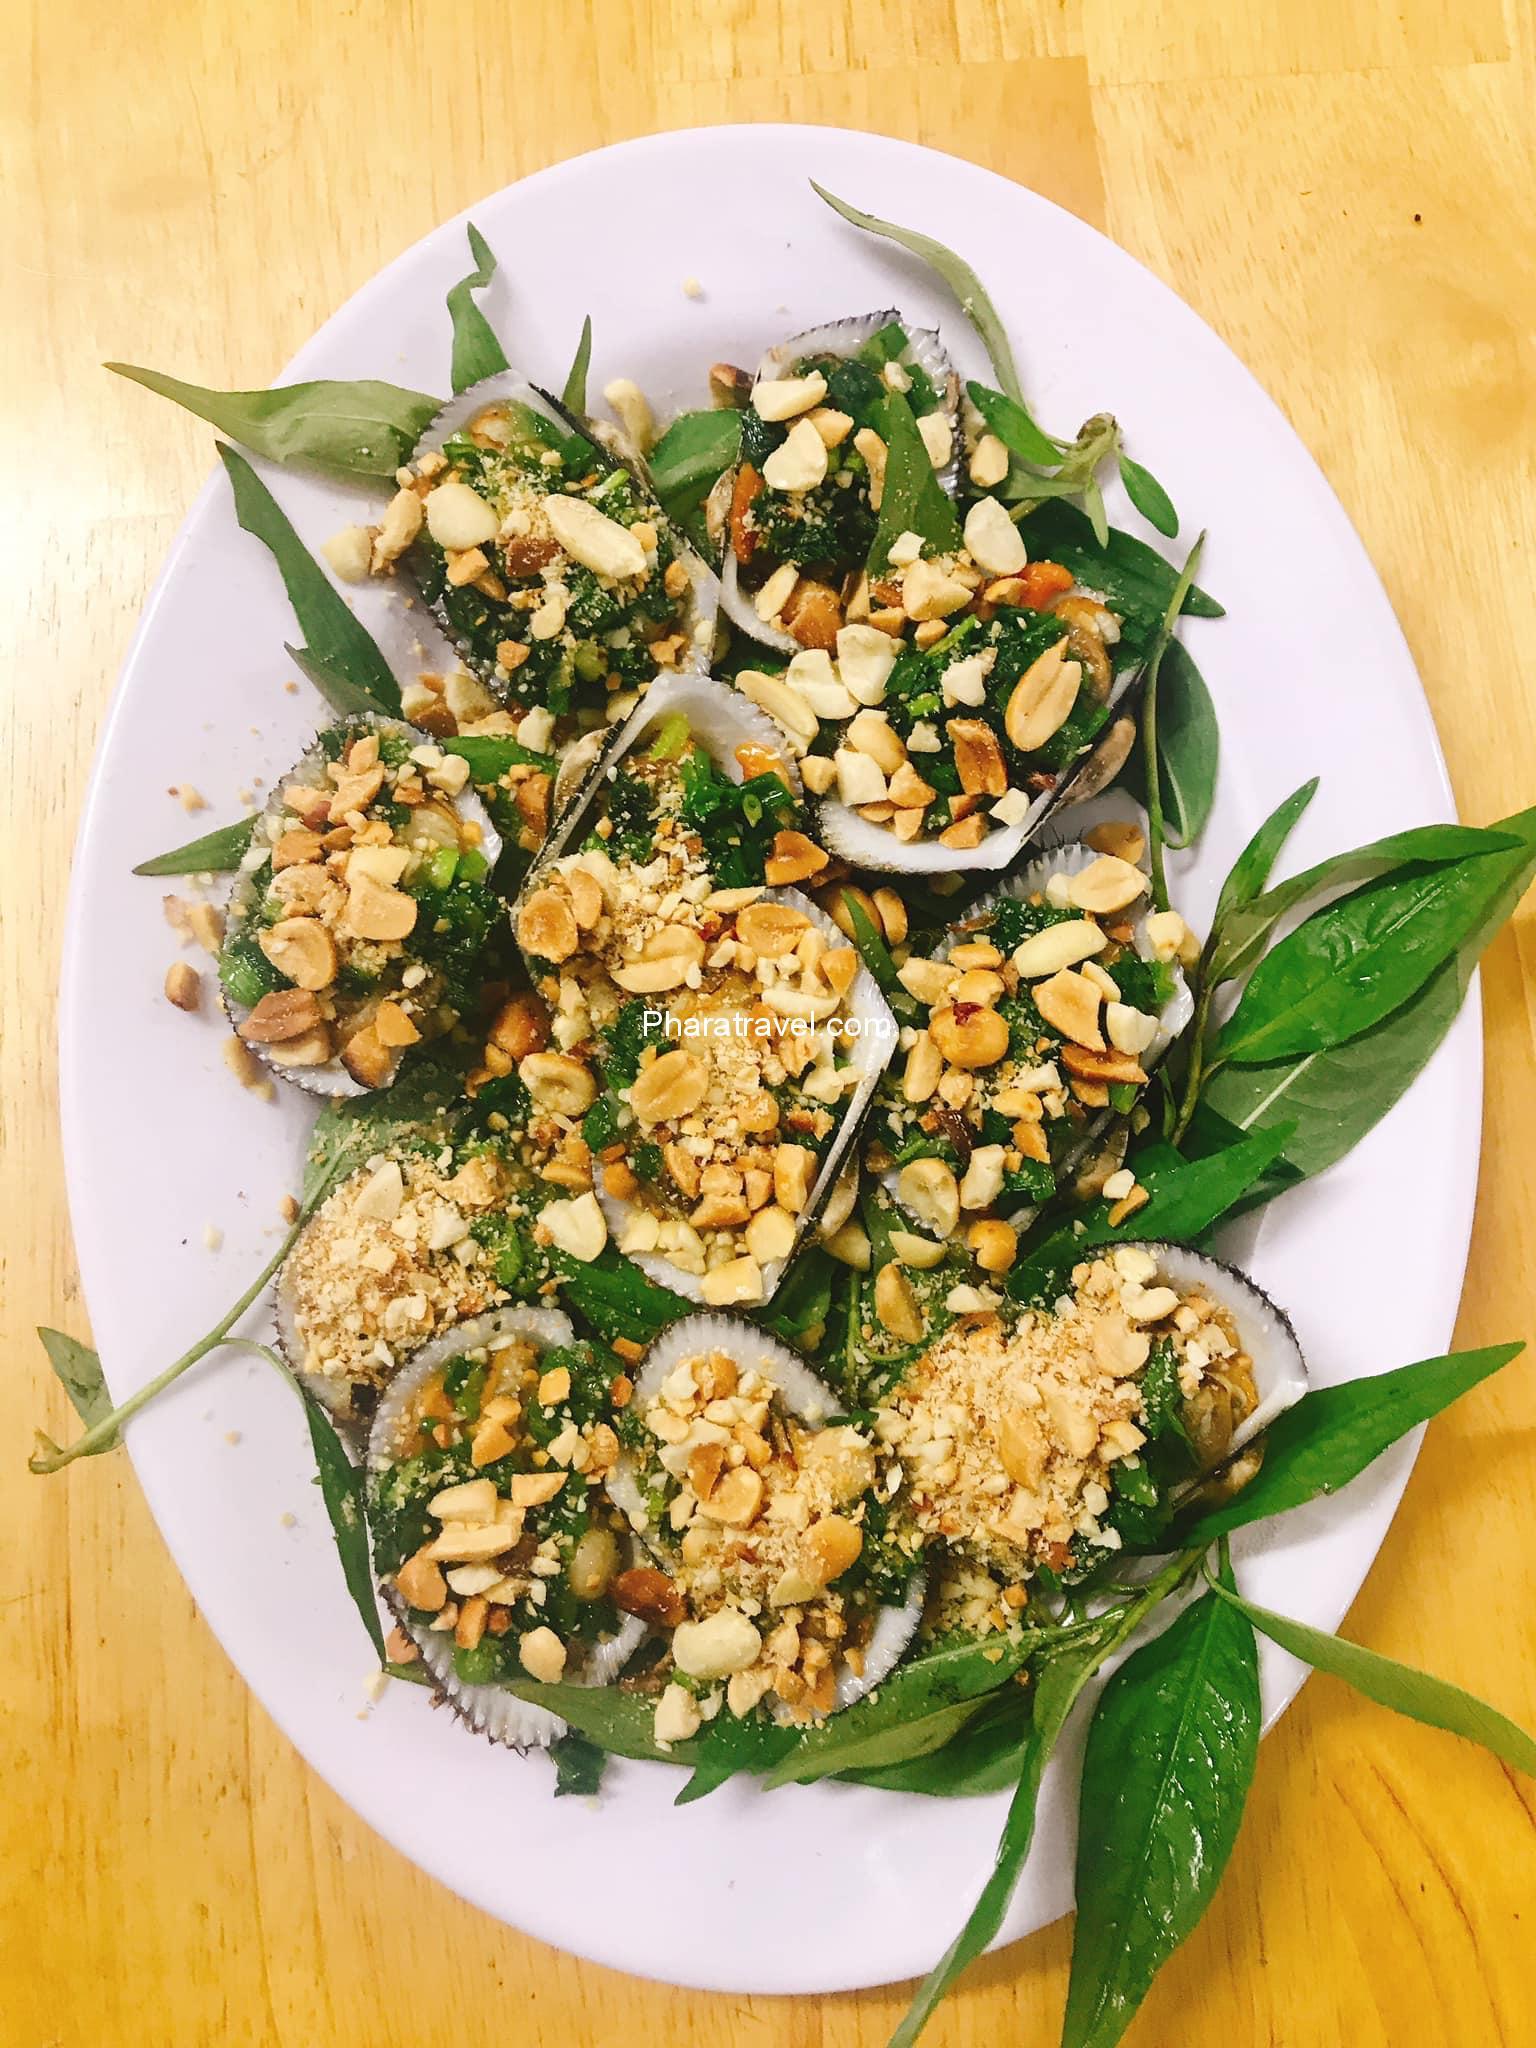 Top 10 quán ốc Phan Rang Ninh Thuận Tươi sống chất lượng nên ăn